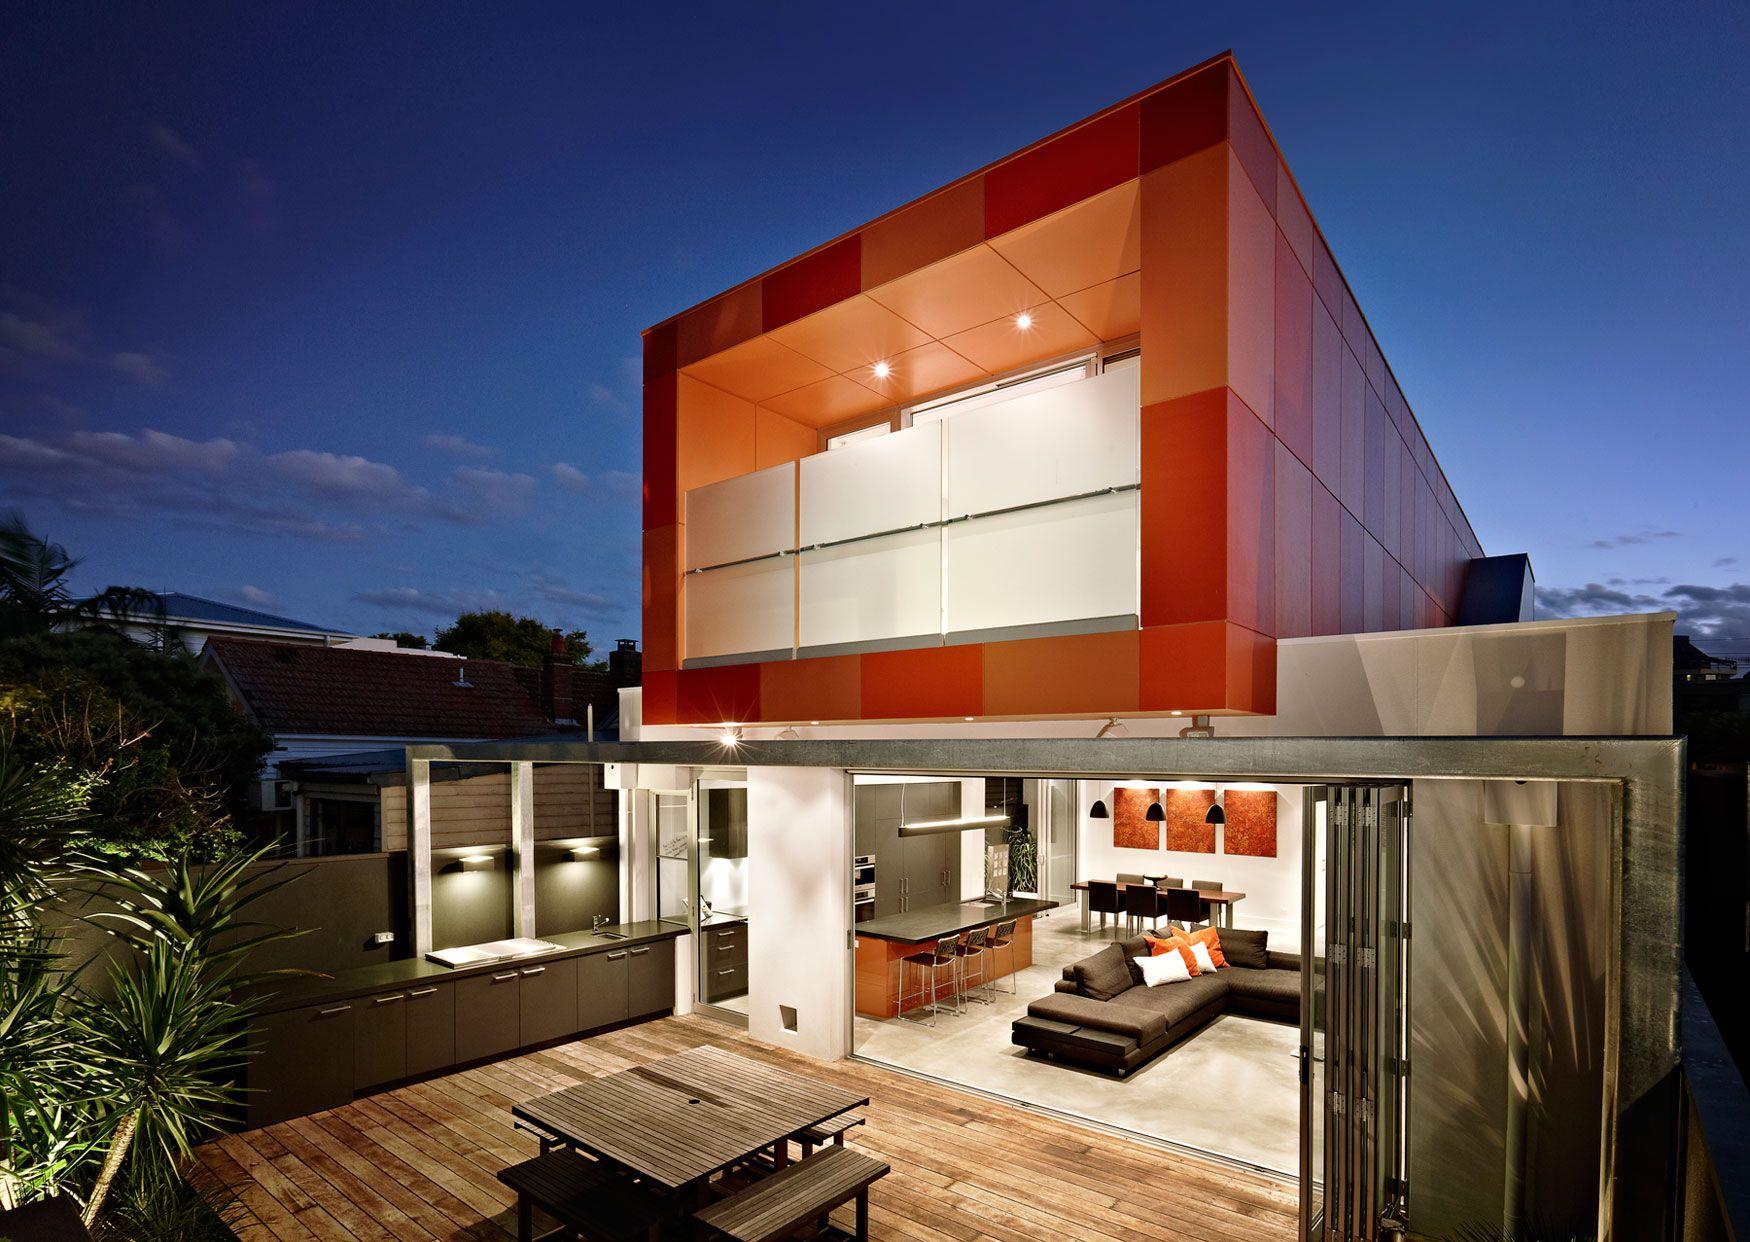 Dise o de casa moderna de dos plantas planos construye for Casas modernas de un piso por dentro